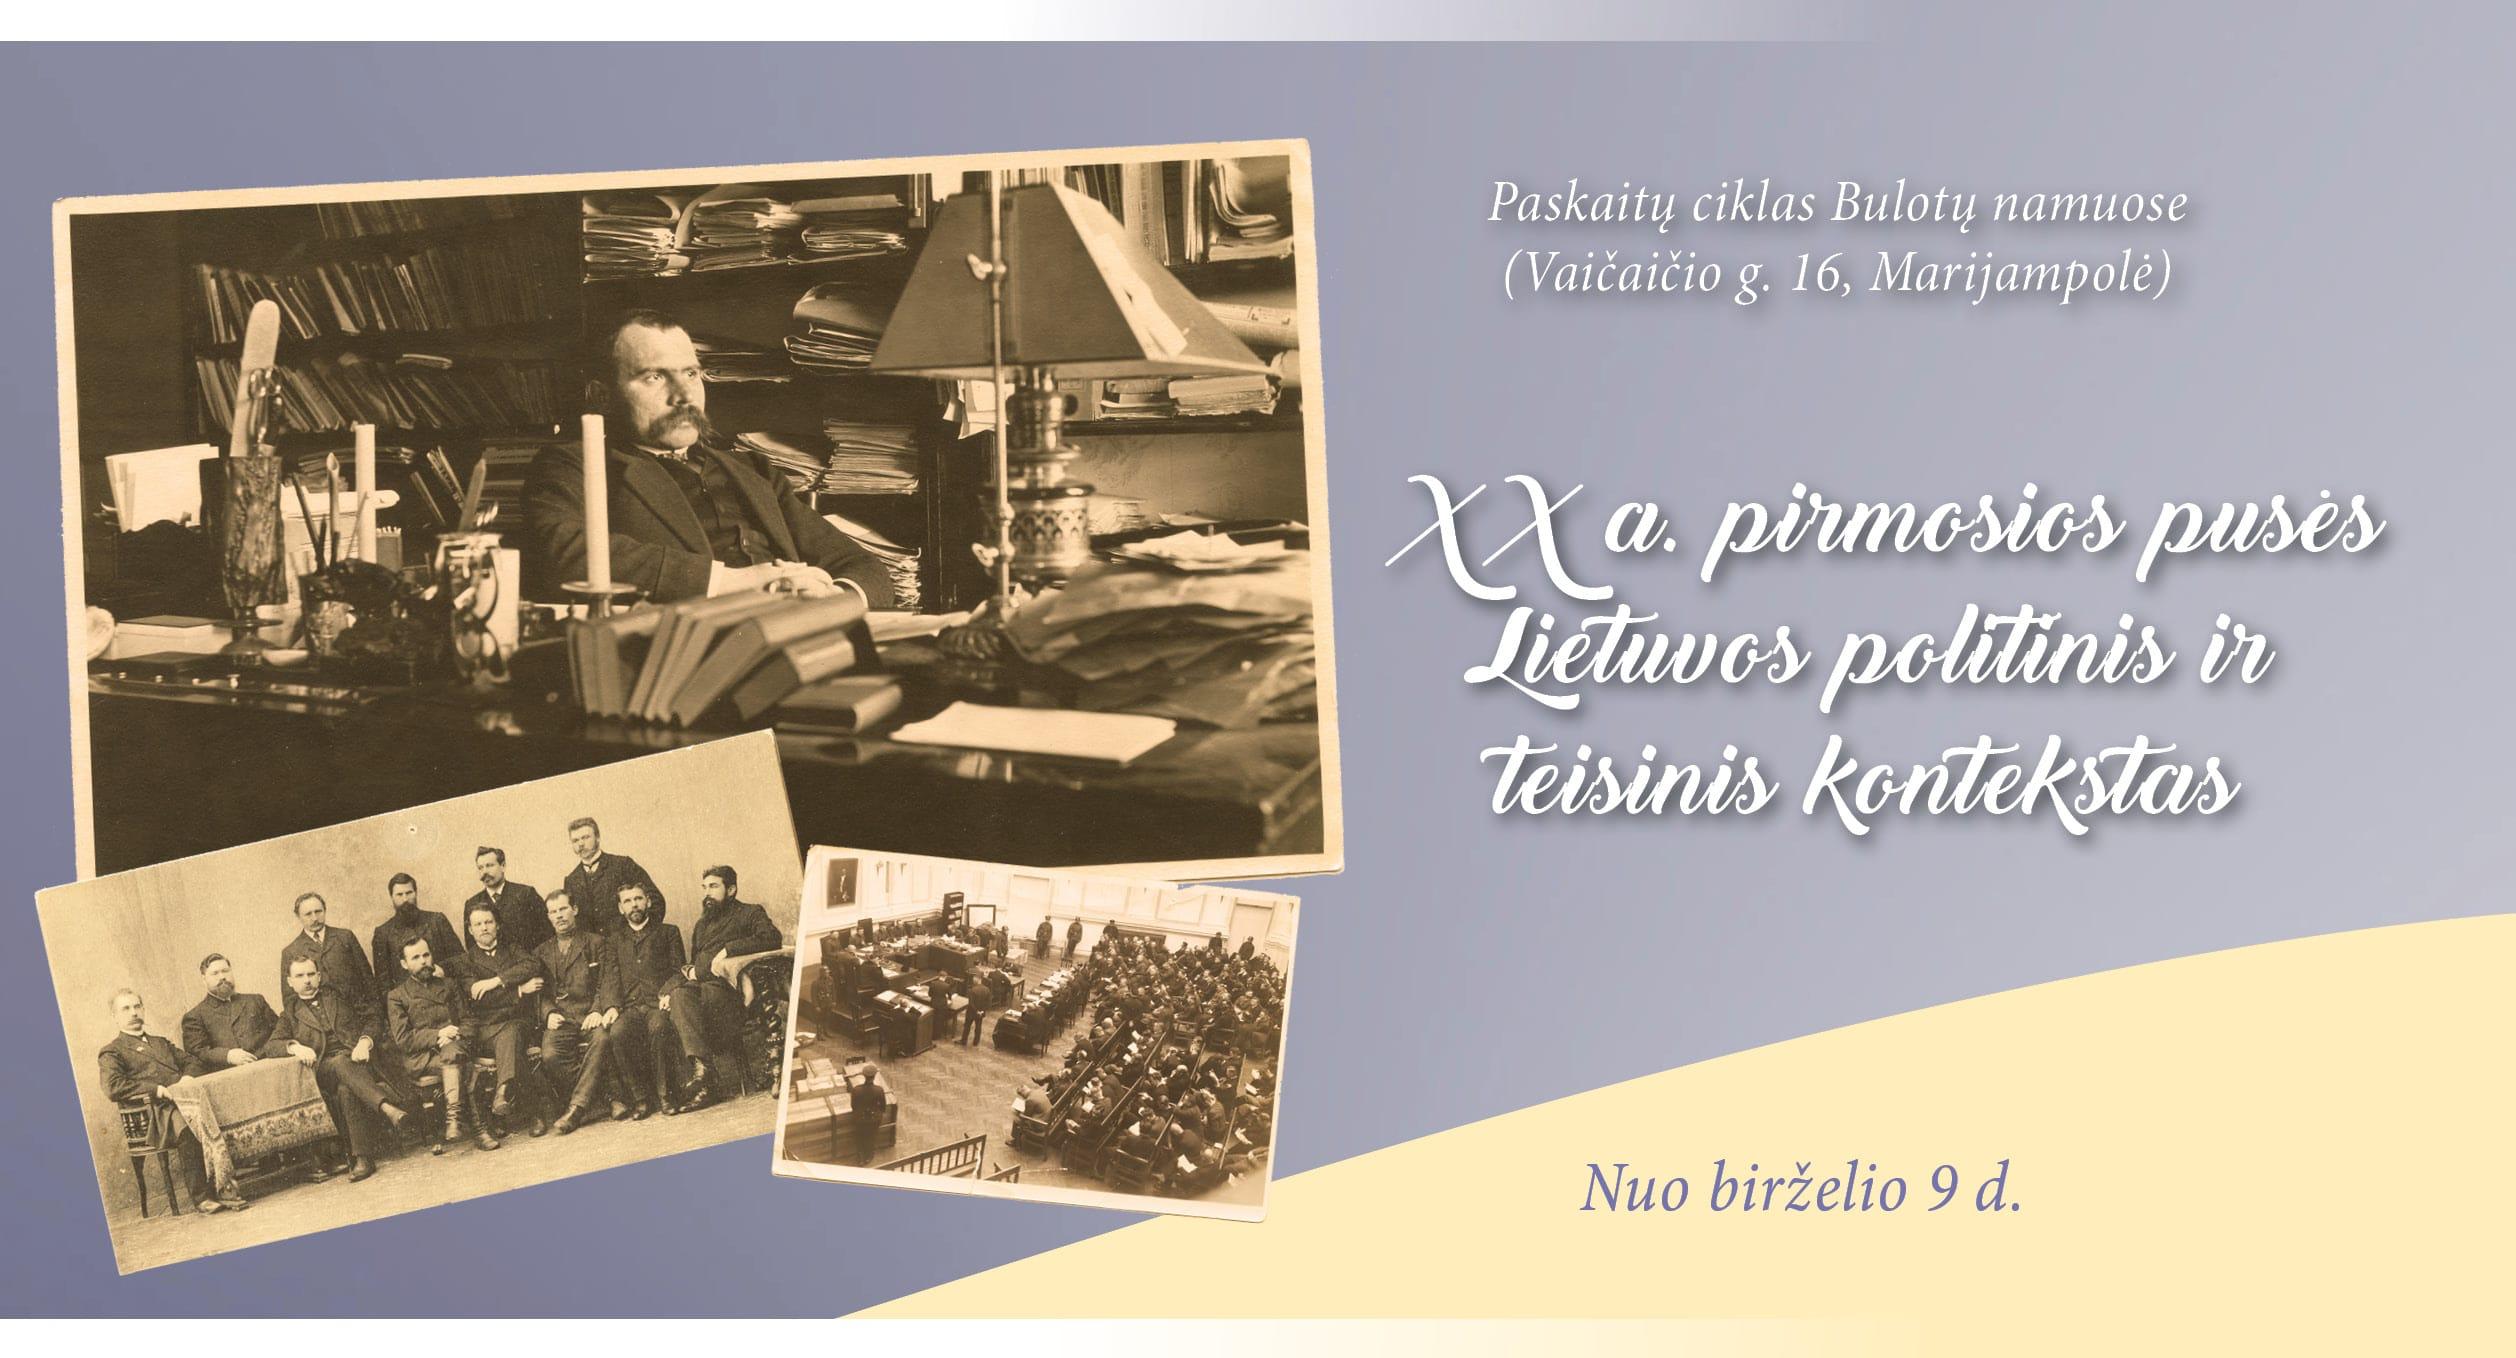 """Read more about the article Paskaitų ciklas Bulotų namuose """"XX a. pirmosios pusės Lietuvos politinis ir teisinis kontekstas"""""""